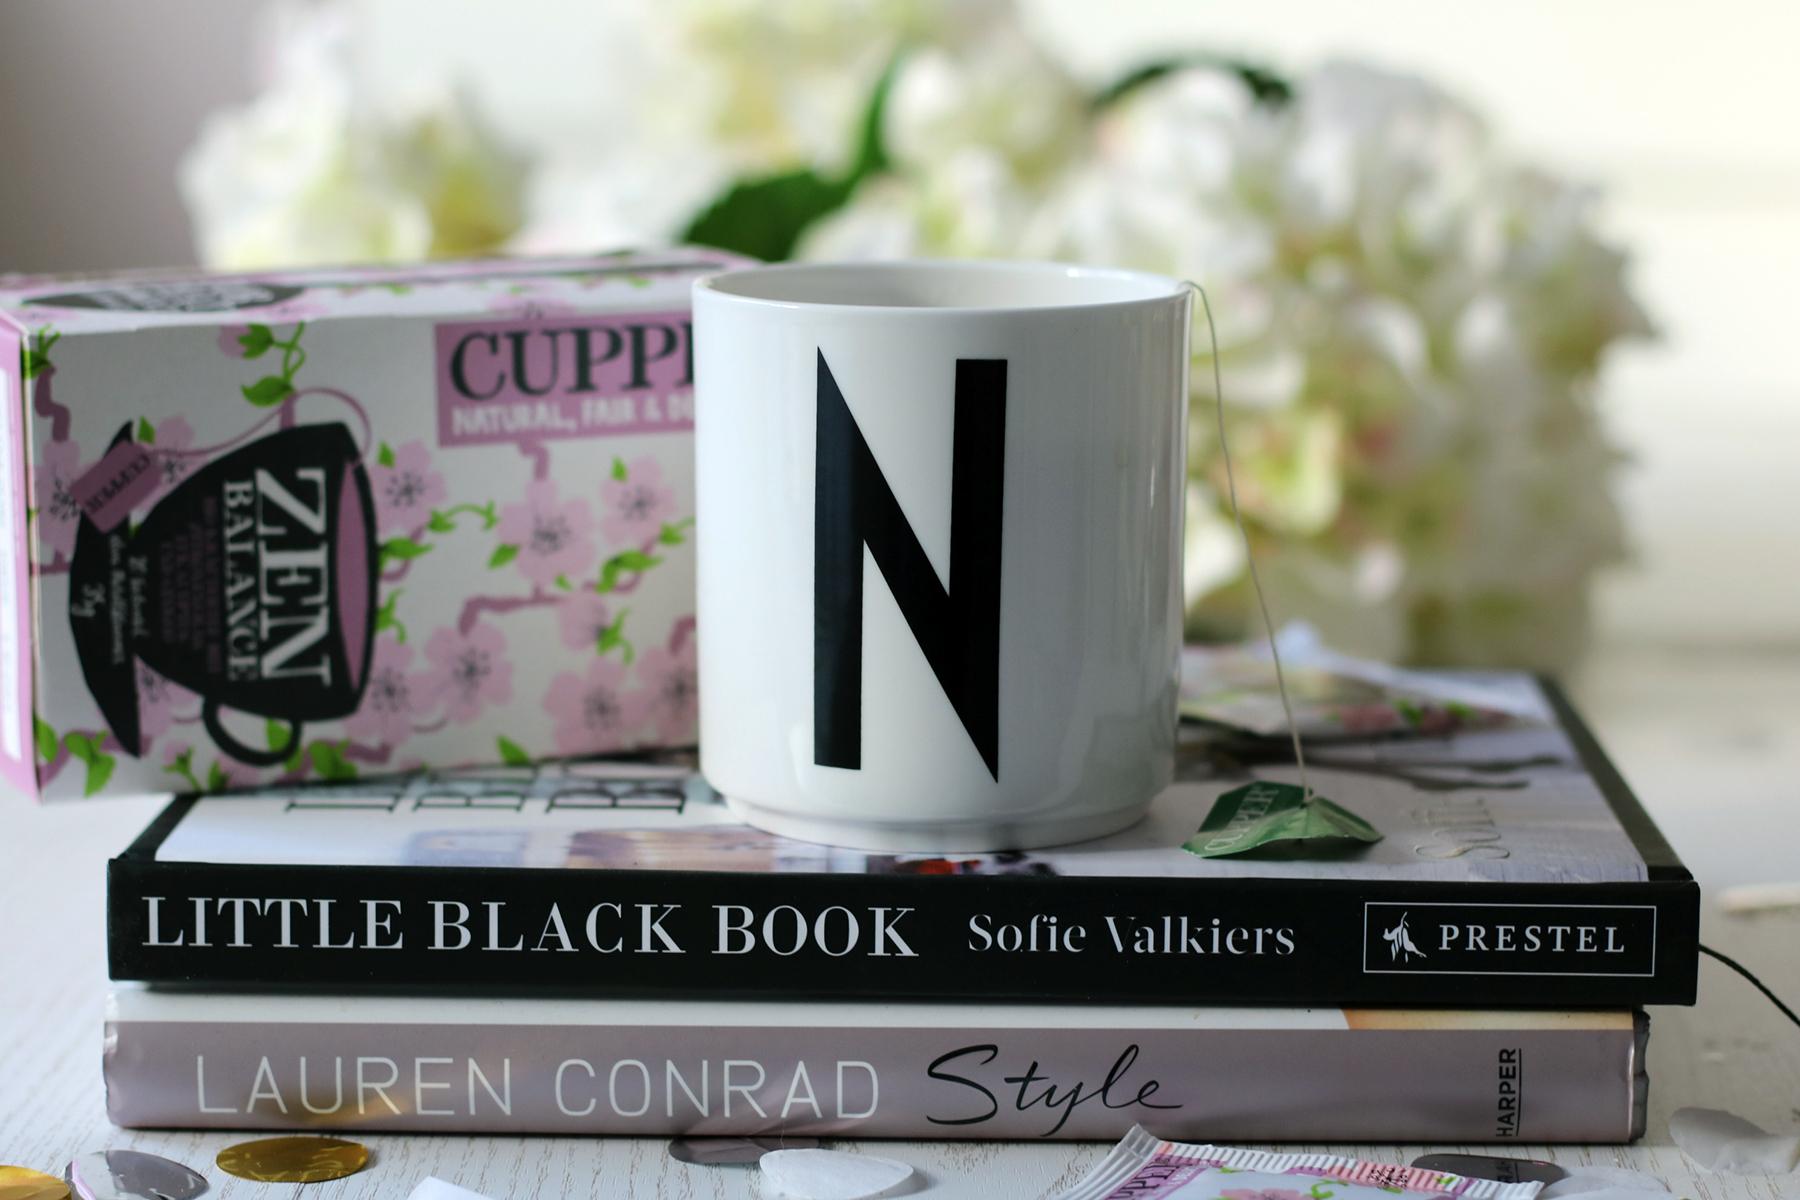 cupper-tea-post-auszeit-modeblog-fashionblog-tipps-ruhe-gönnen-seit-für-sich7